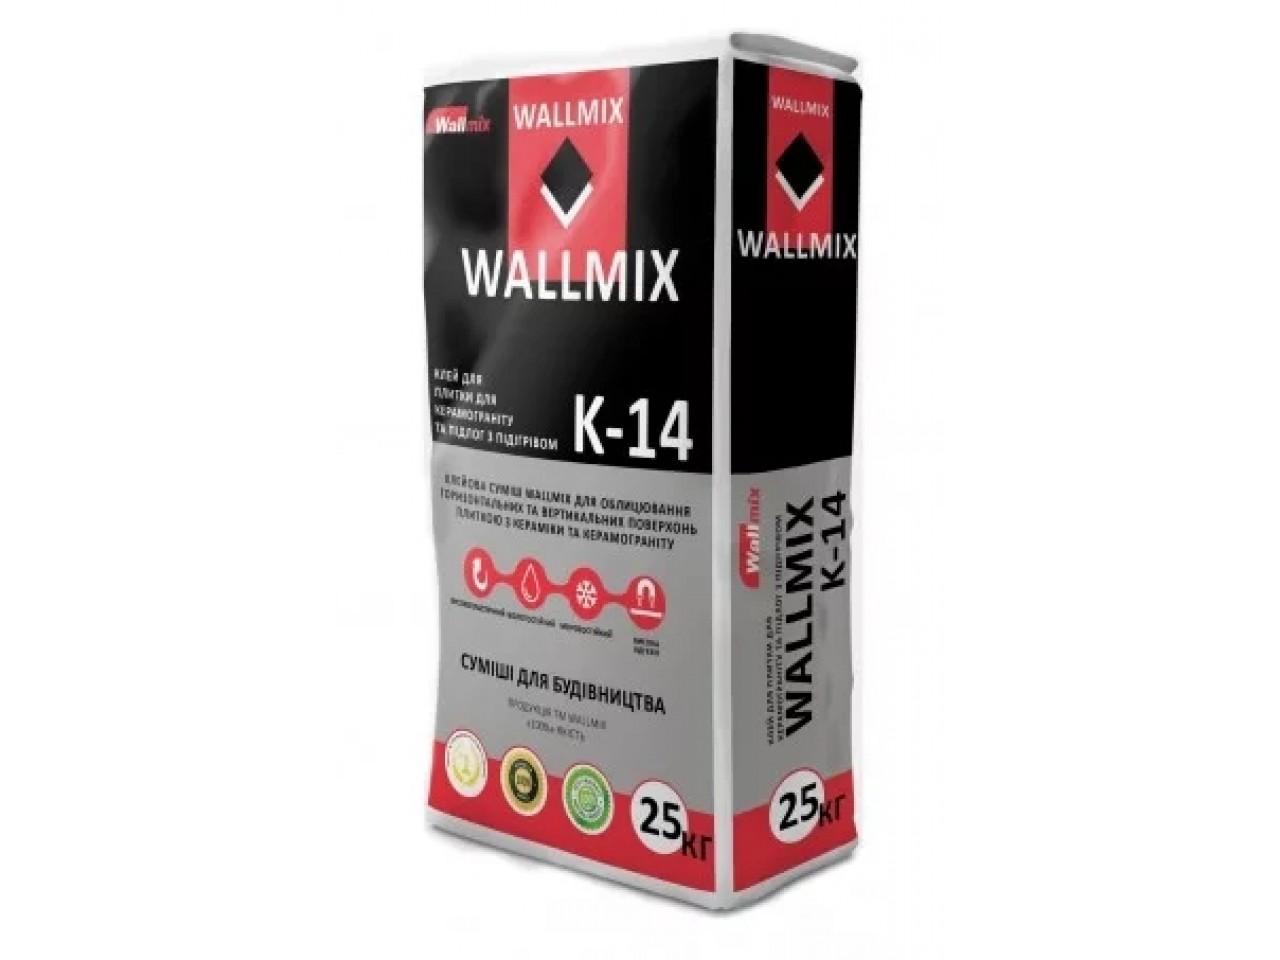 Клей Wallmix К-14 для керамогранита и теплых полов (25 кг)